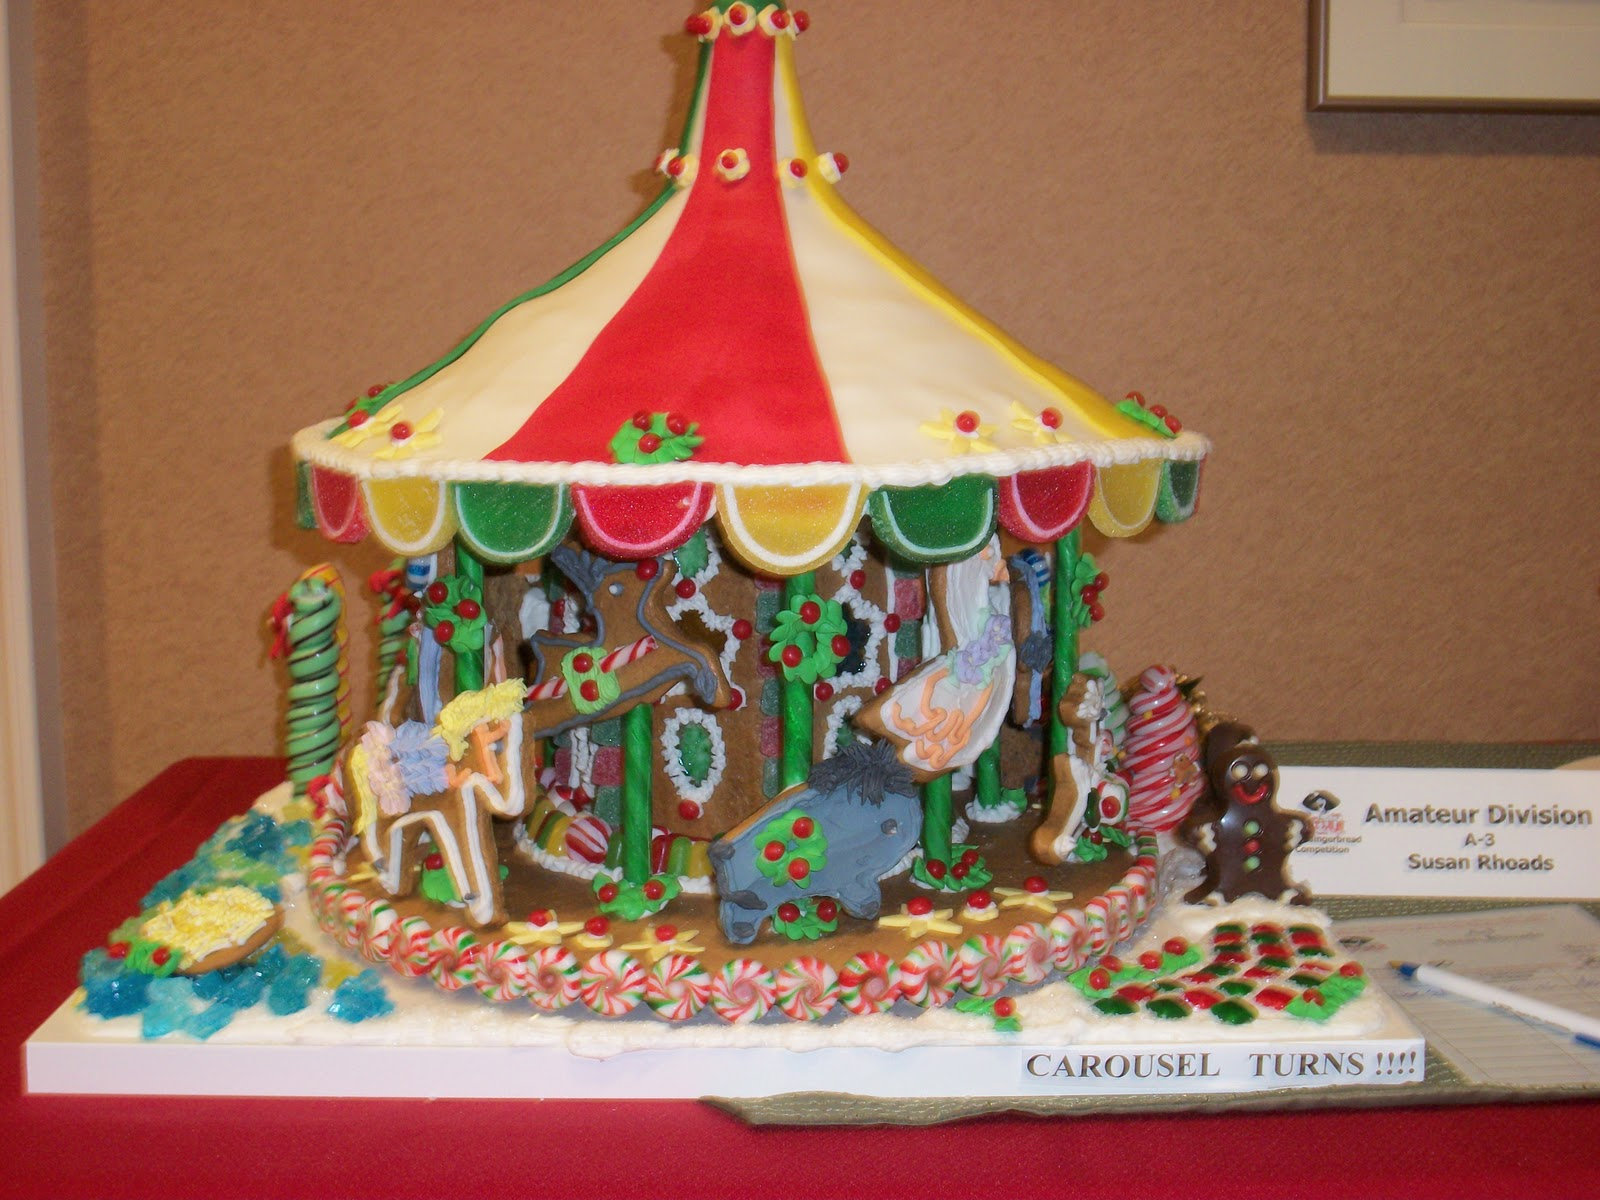 Lola pearl bake shoppe diy gingerbread house inspiration for Gingerbread house inspiration